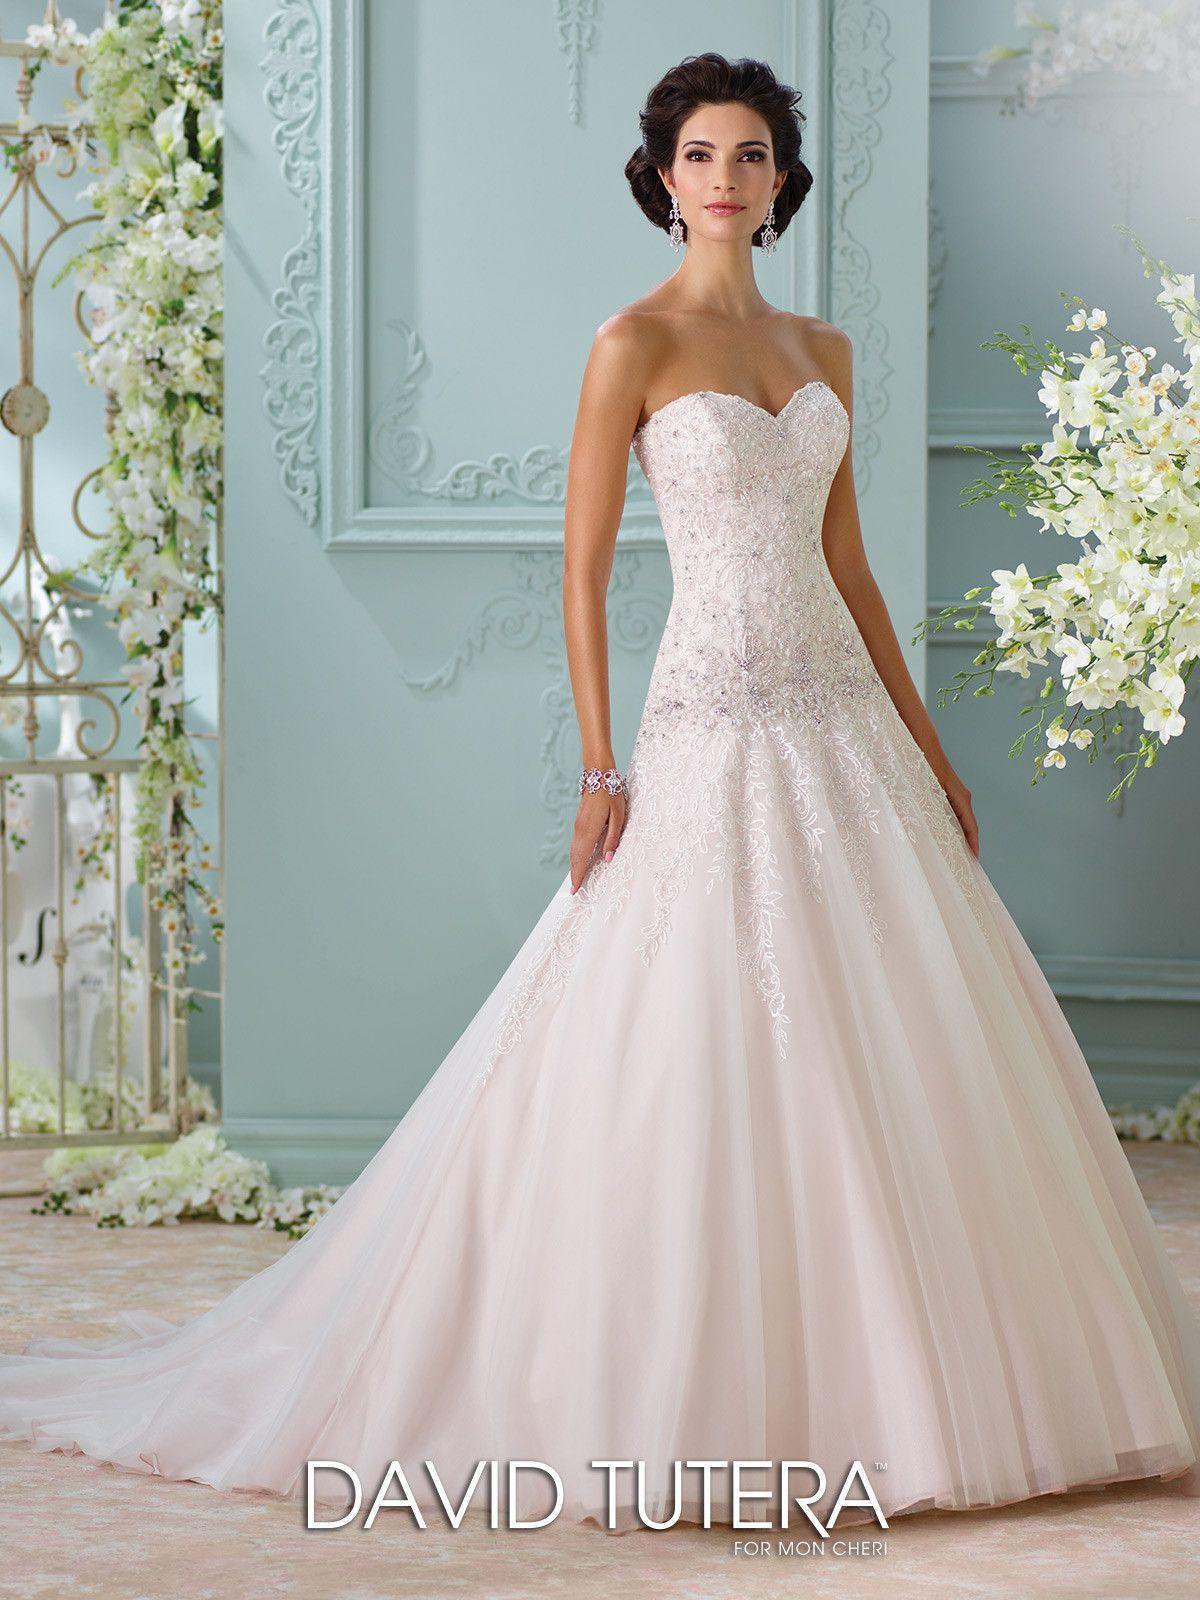 Blog | David tutera and Bridal gowns